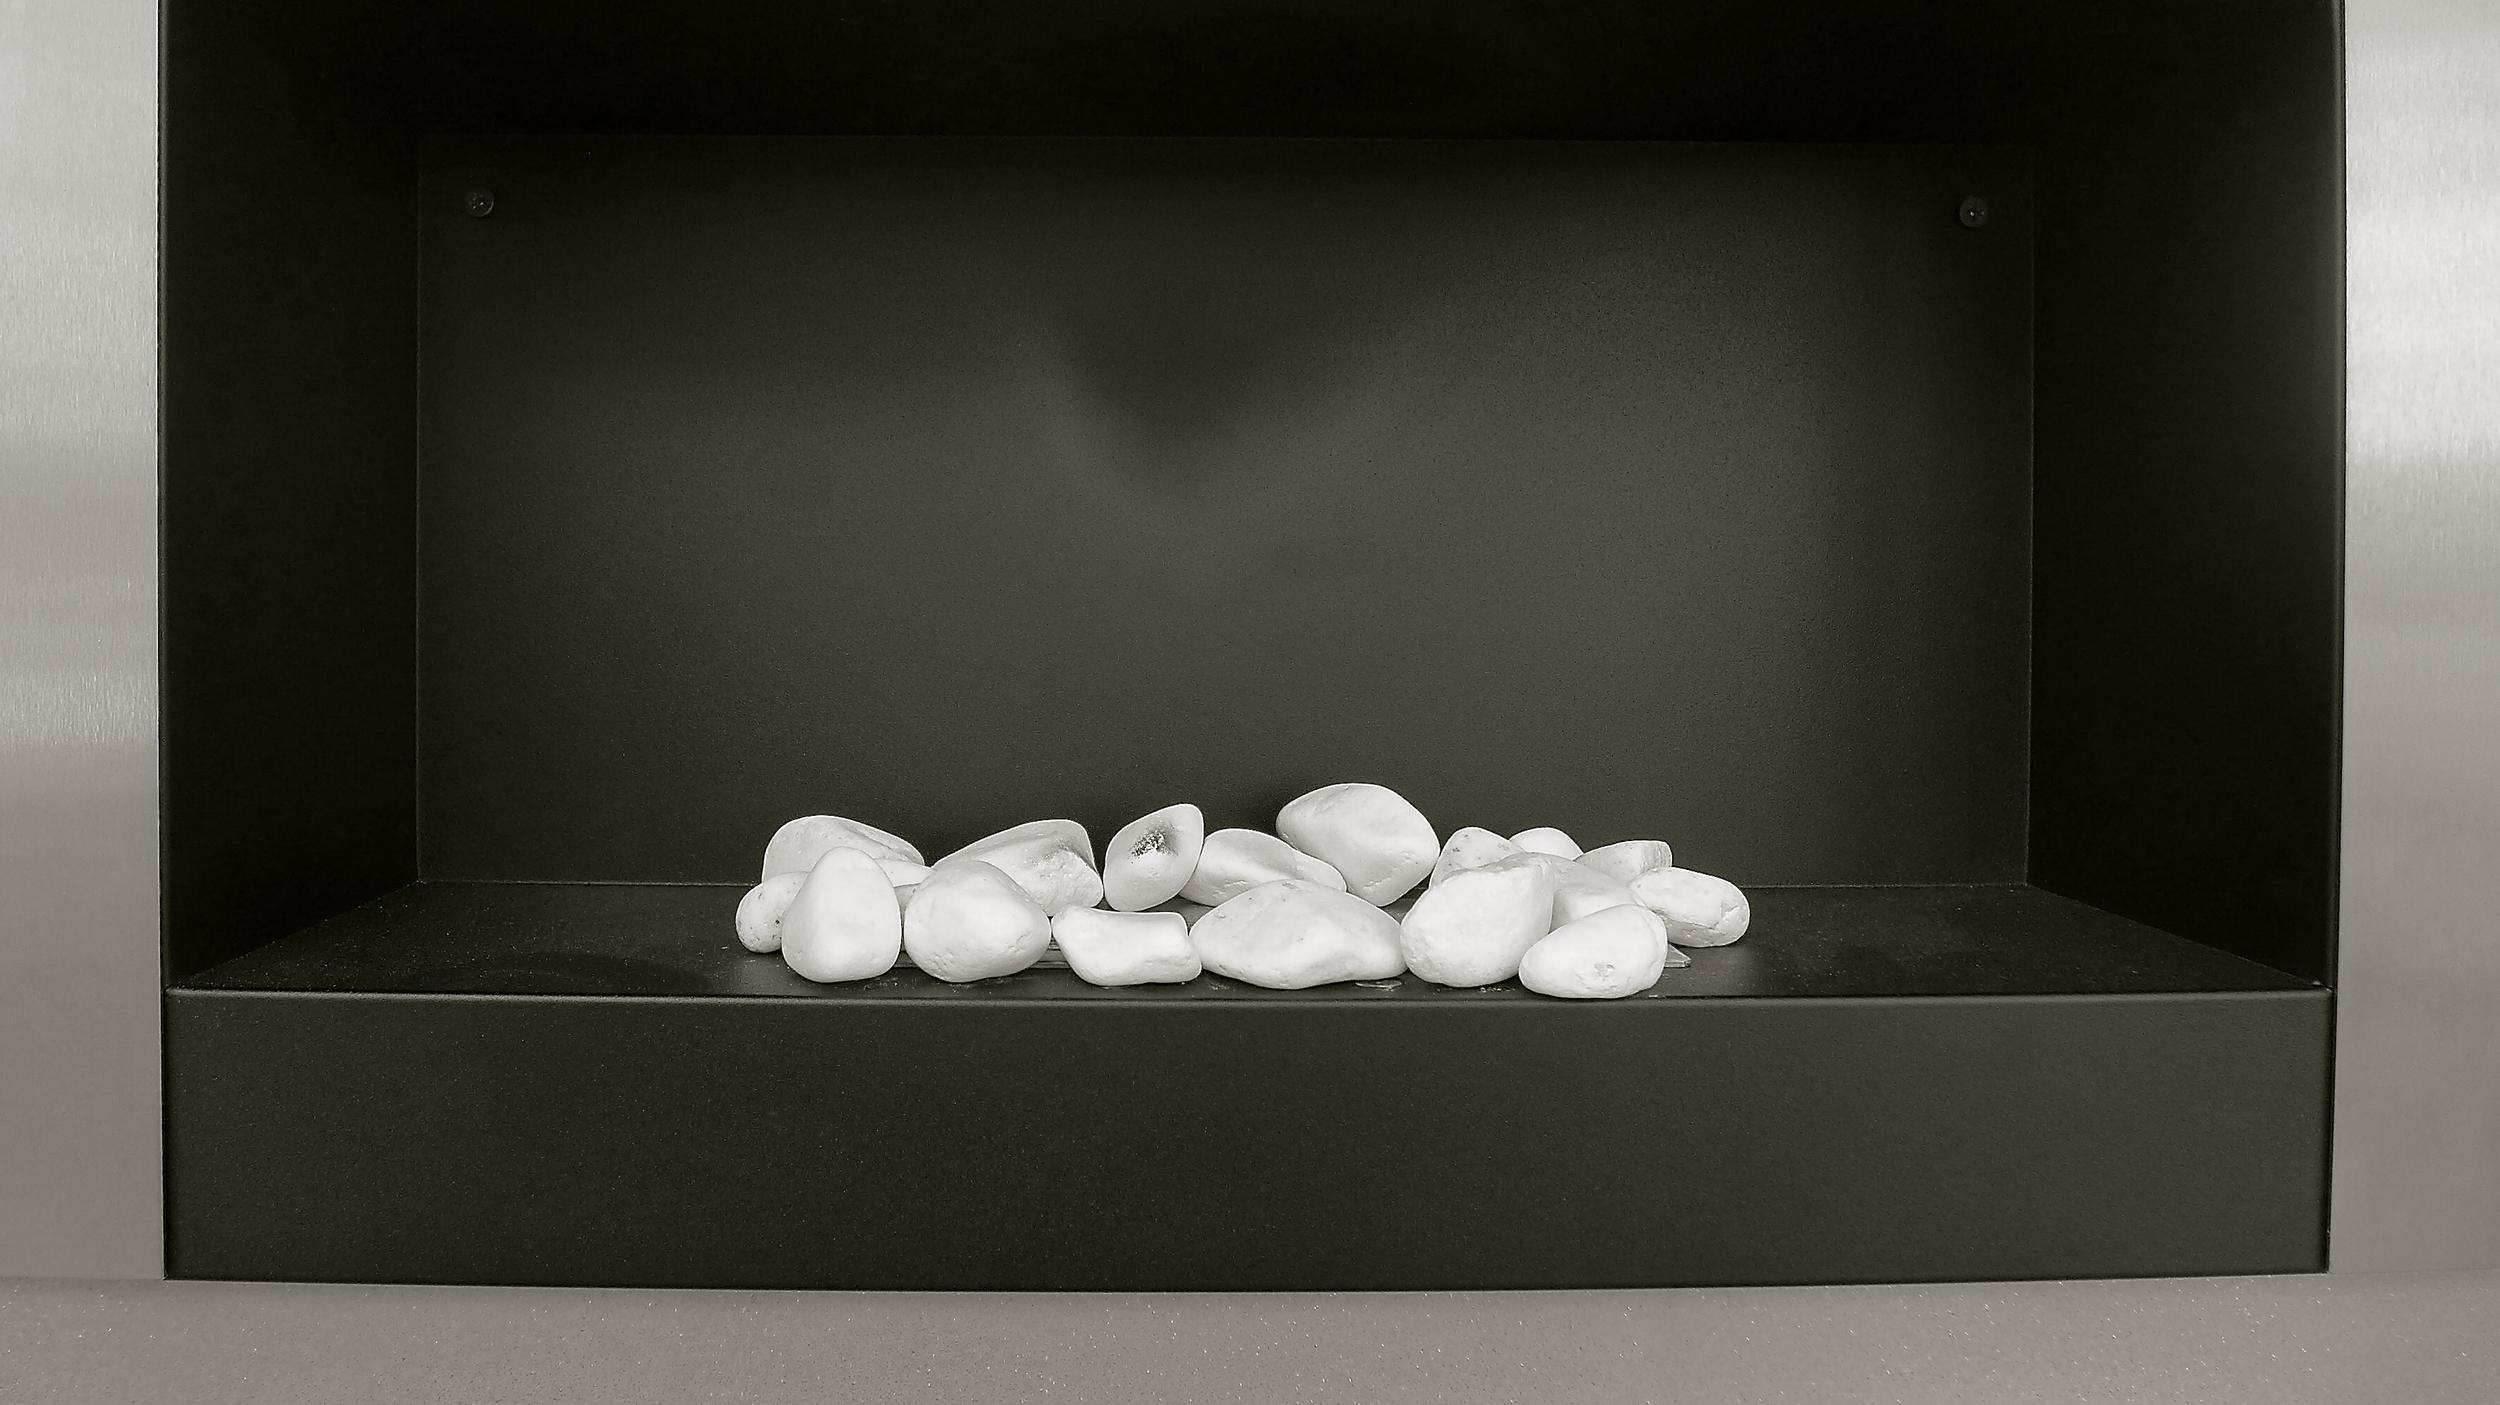 Piedras en blanco